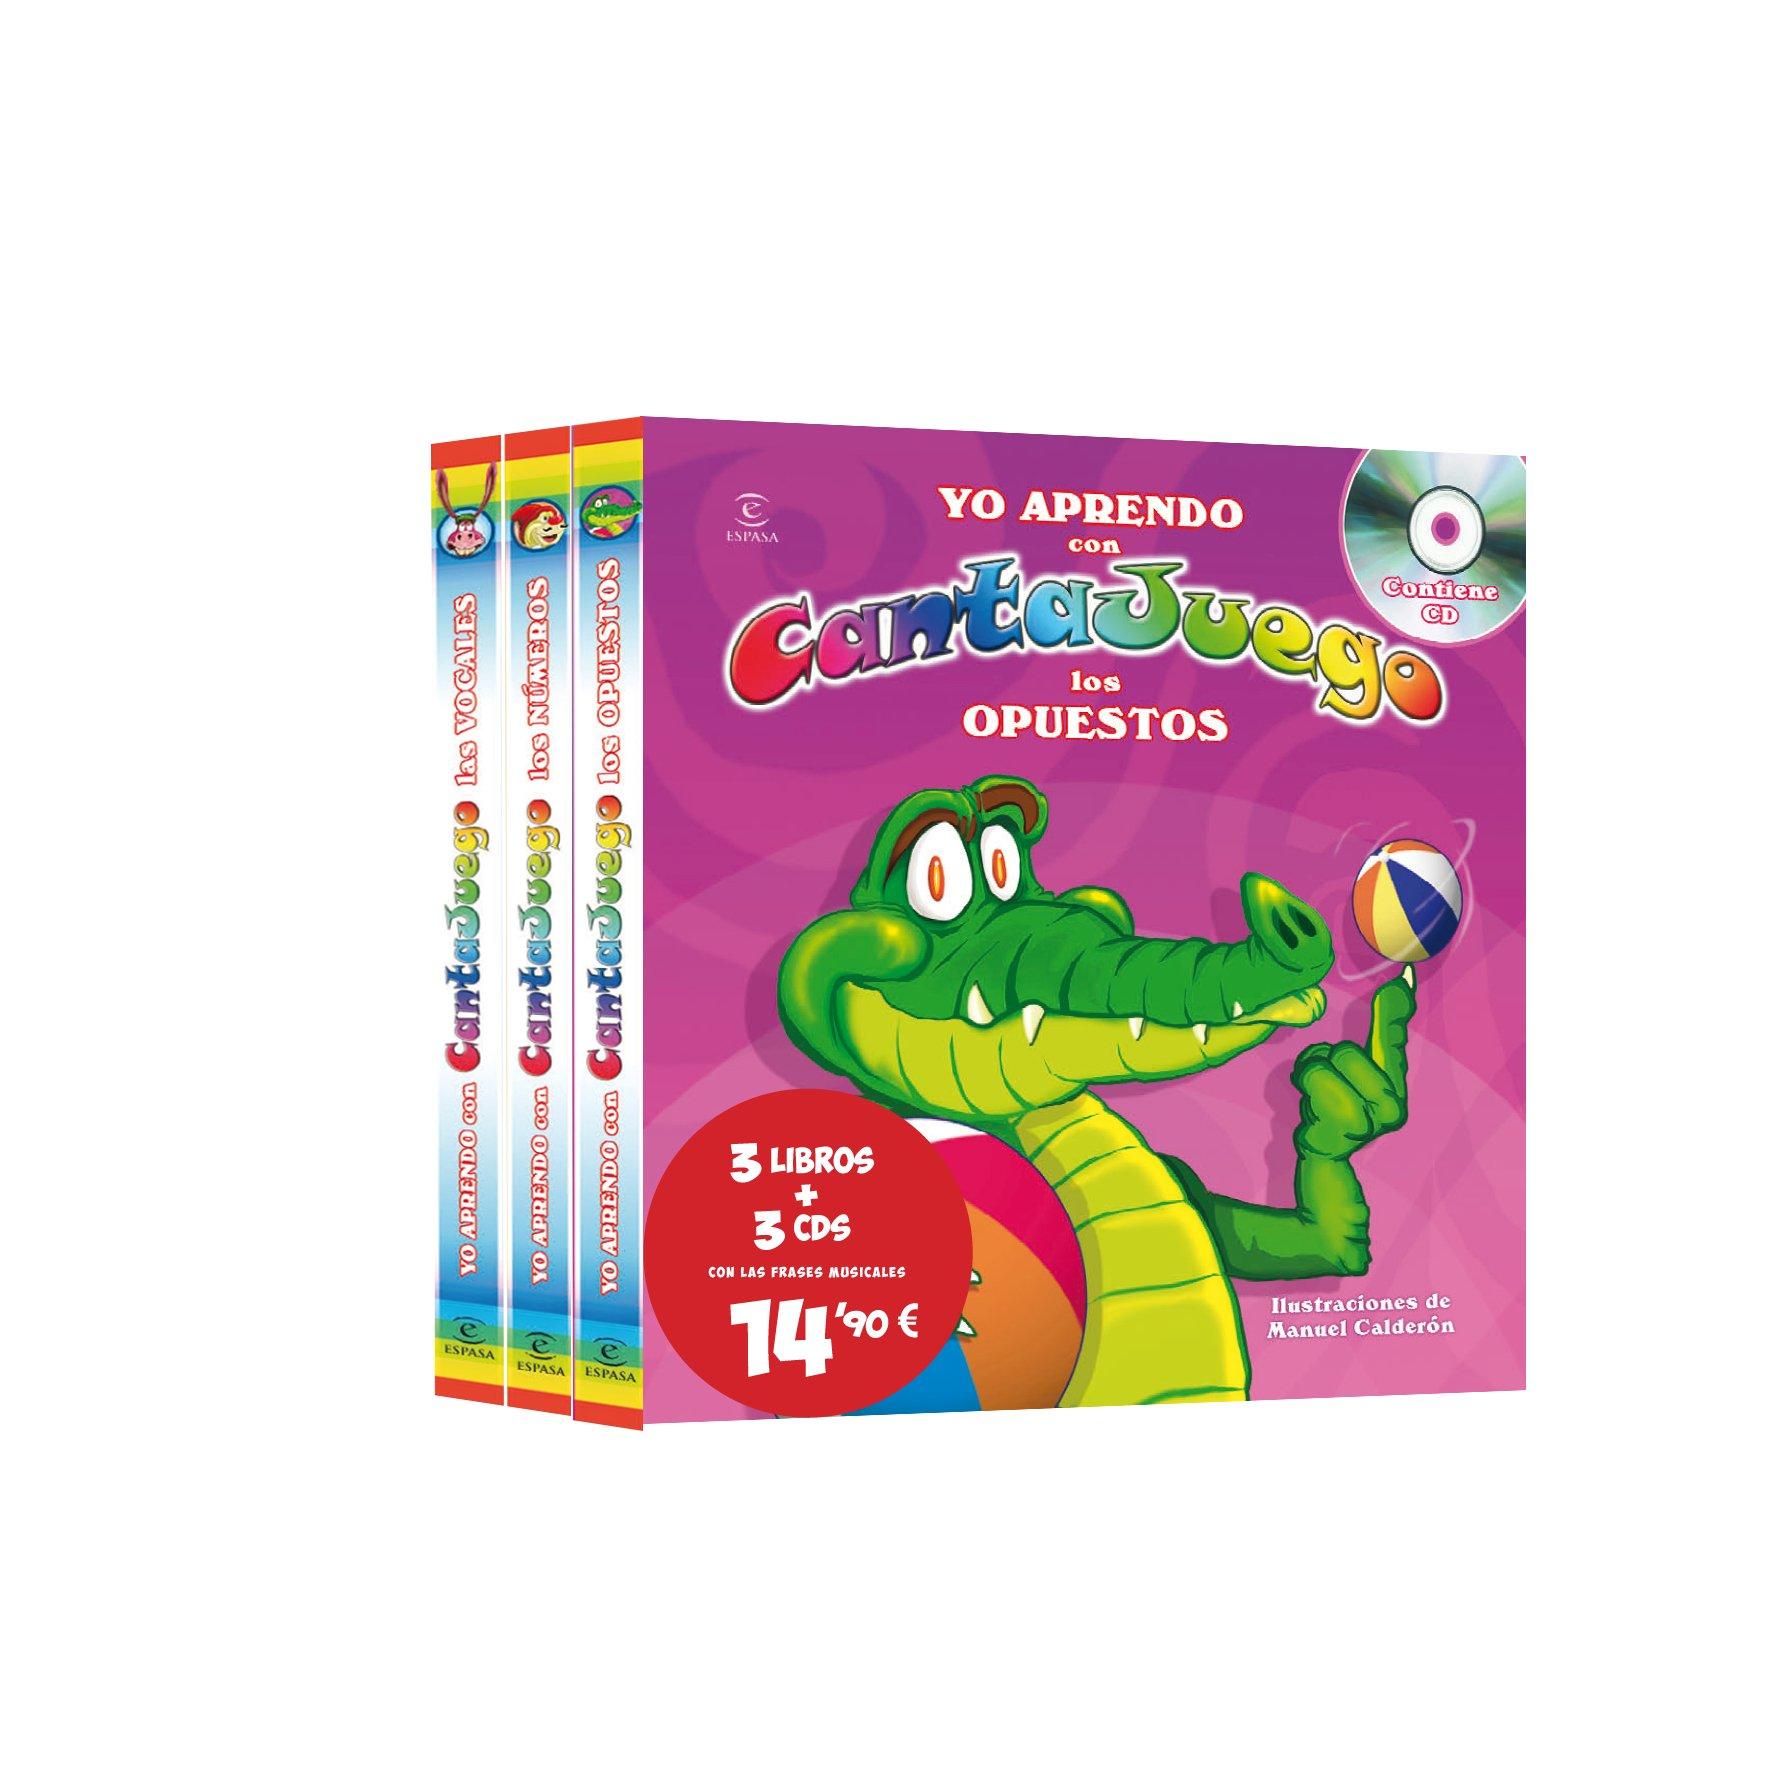 CANTAJUEGO (3 LIBROS + 3 CDS)ESPASA.: Agapea: 9788467038231 ...